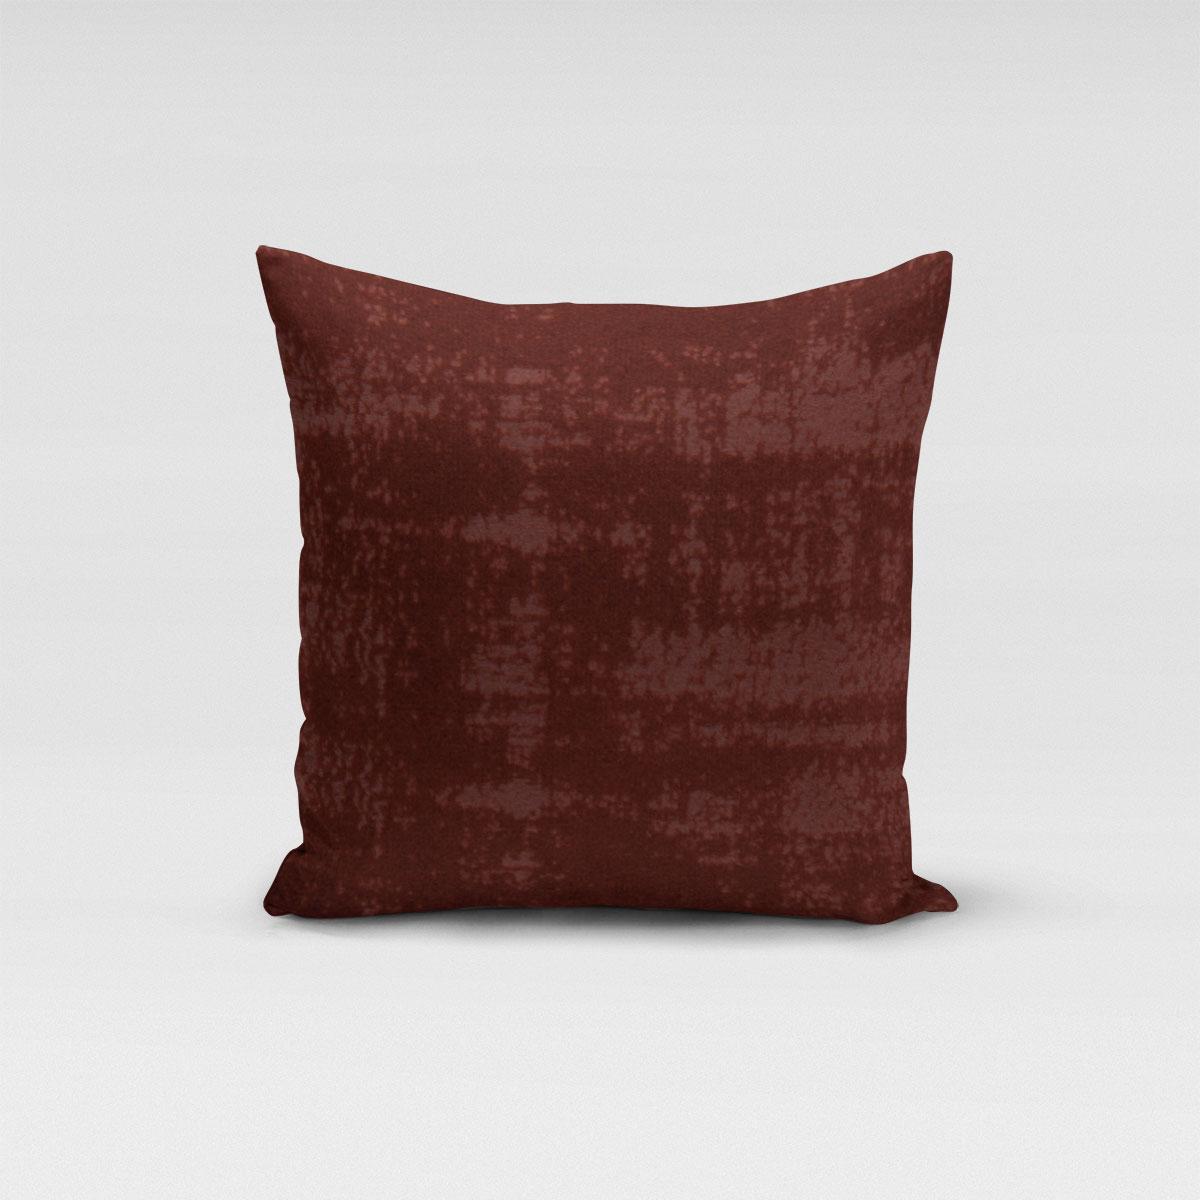 SCHÖNER LEBEN. Kissenhülle Velvet Marble Samt mit Struktur uni bordeaux rot verschiedene Größen